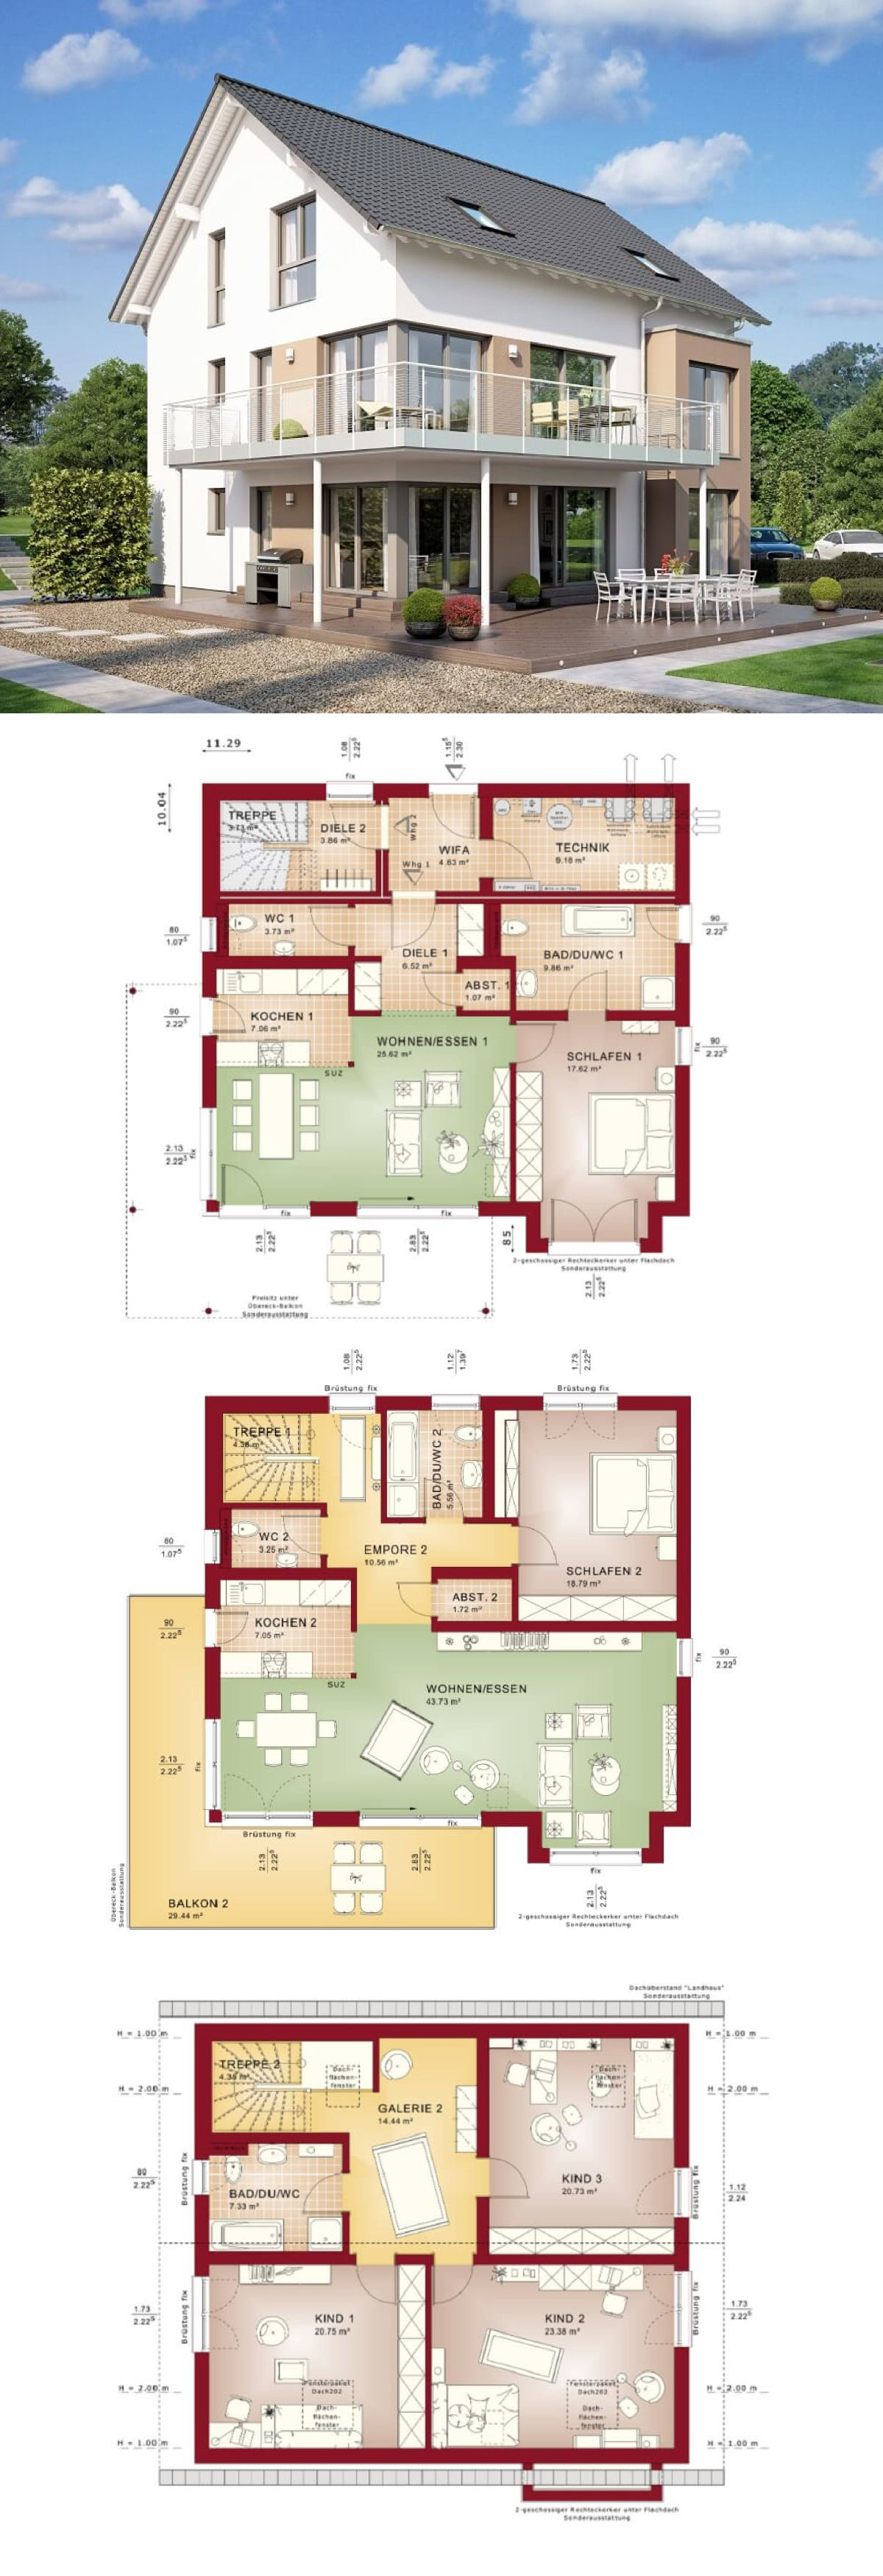 Ein rahmen zu hause design-ideen zweifamilienhaus mit satteldach und Übereckbalkon  grundriss haus